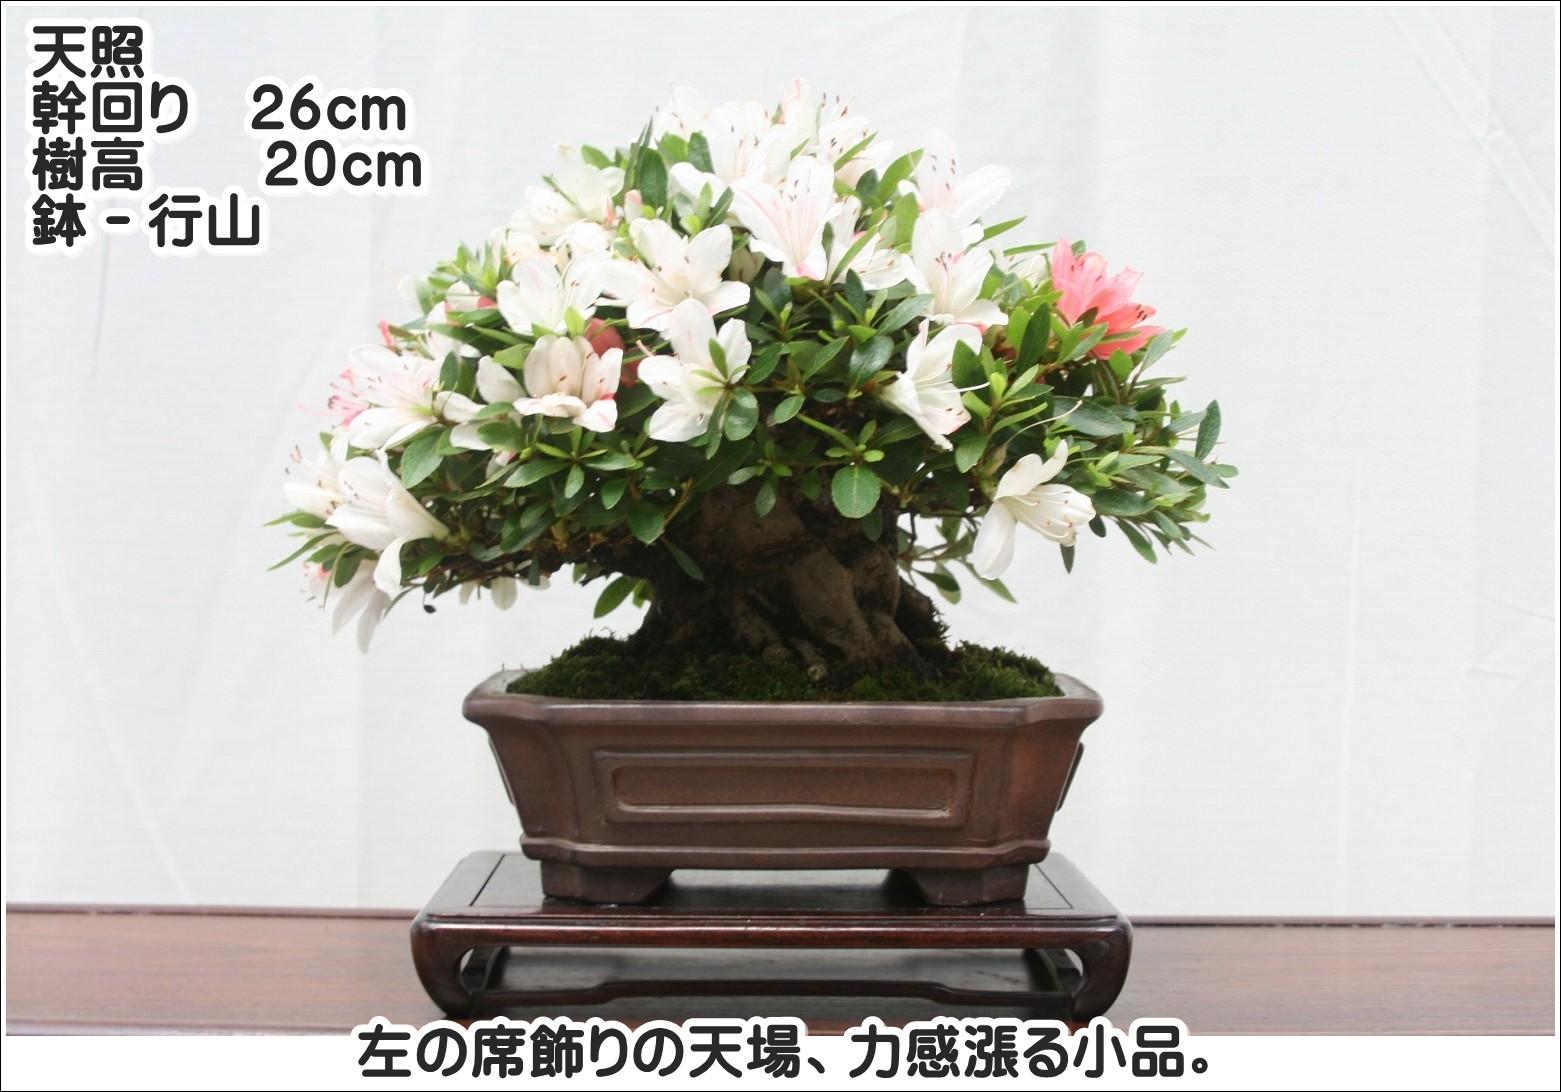 天照 幹周り26cm 樹高20cm 鉢-行山 左の席飾りの天場、力感漲る小品。